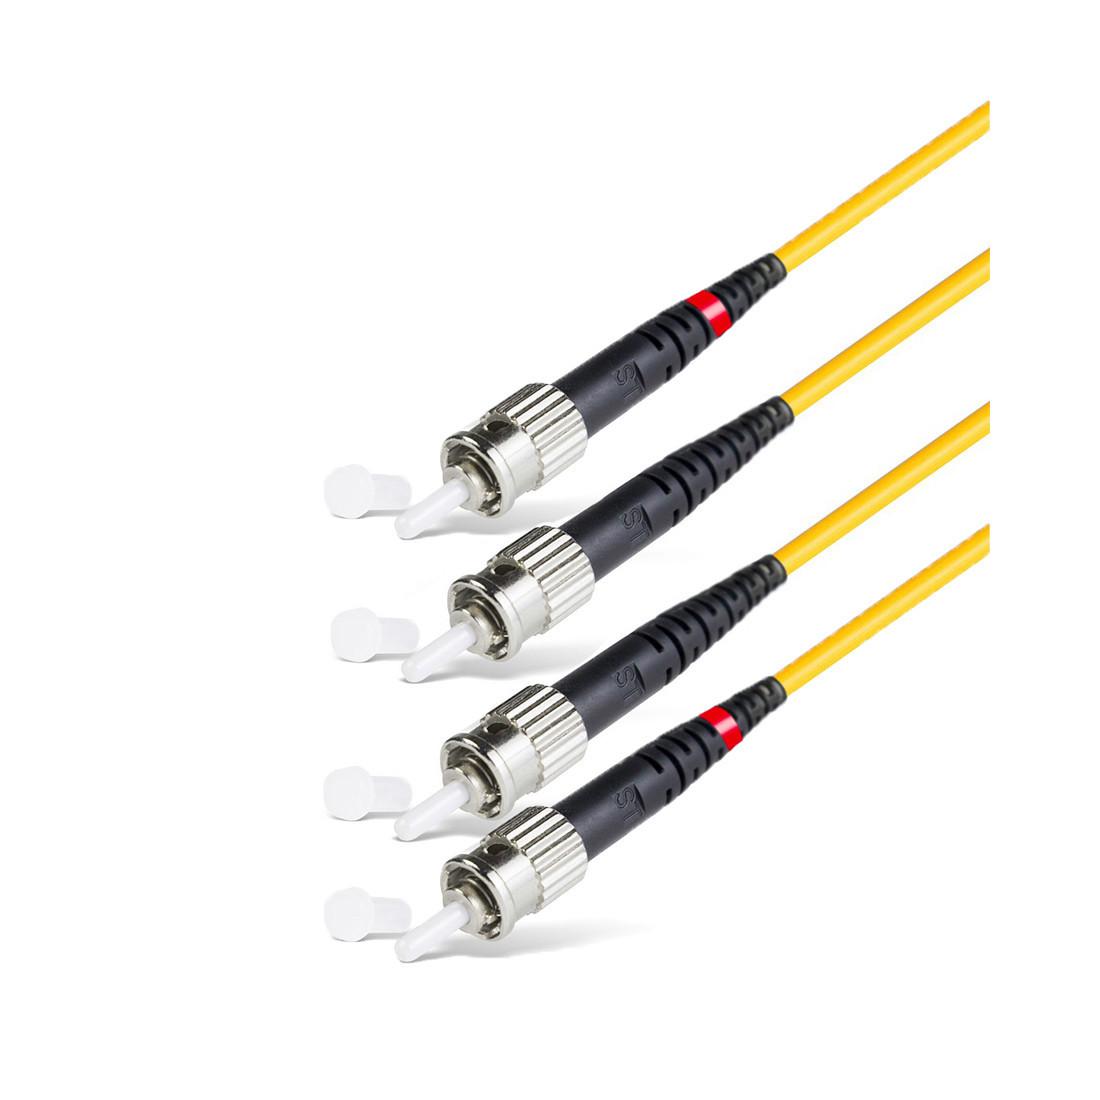 Патч Корд Оптоволоконный 2ST/UPC-2ST/UPC SM 9/125 Duplex 3.0мм 1 м